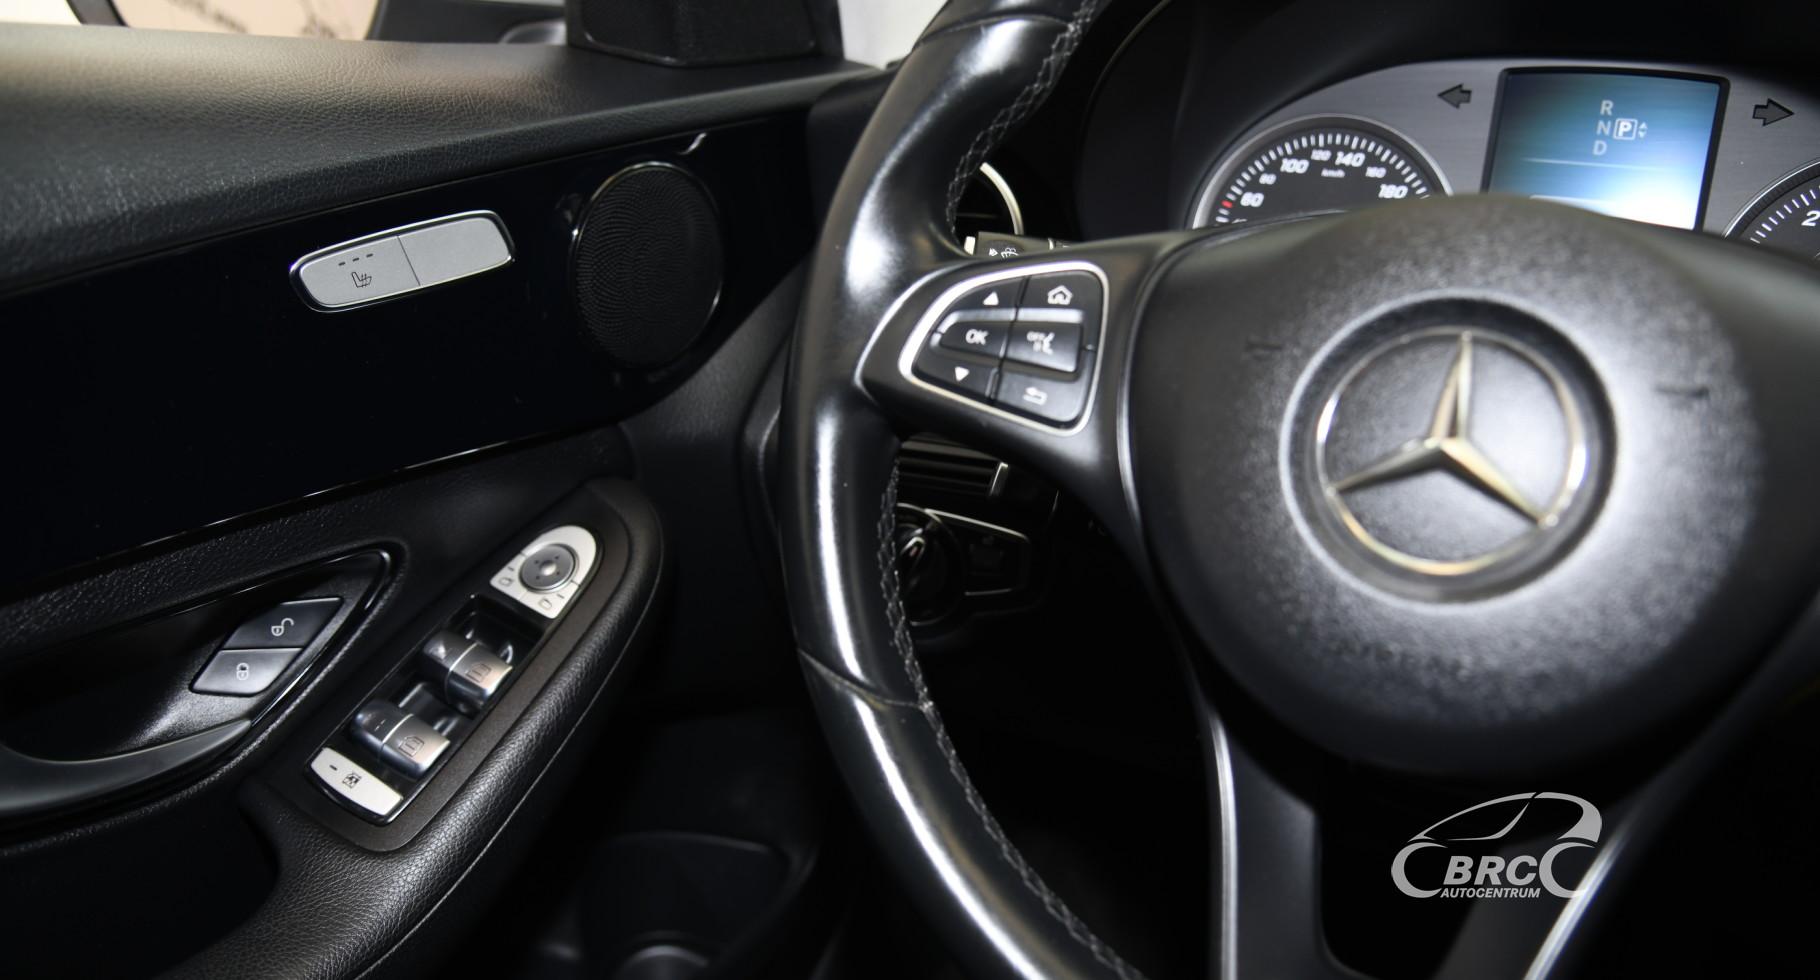 Mercedes-Benz C 220 BlueTec Automatas